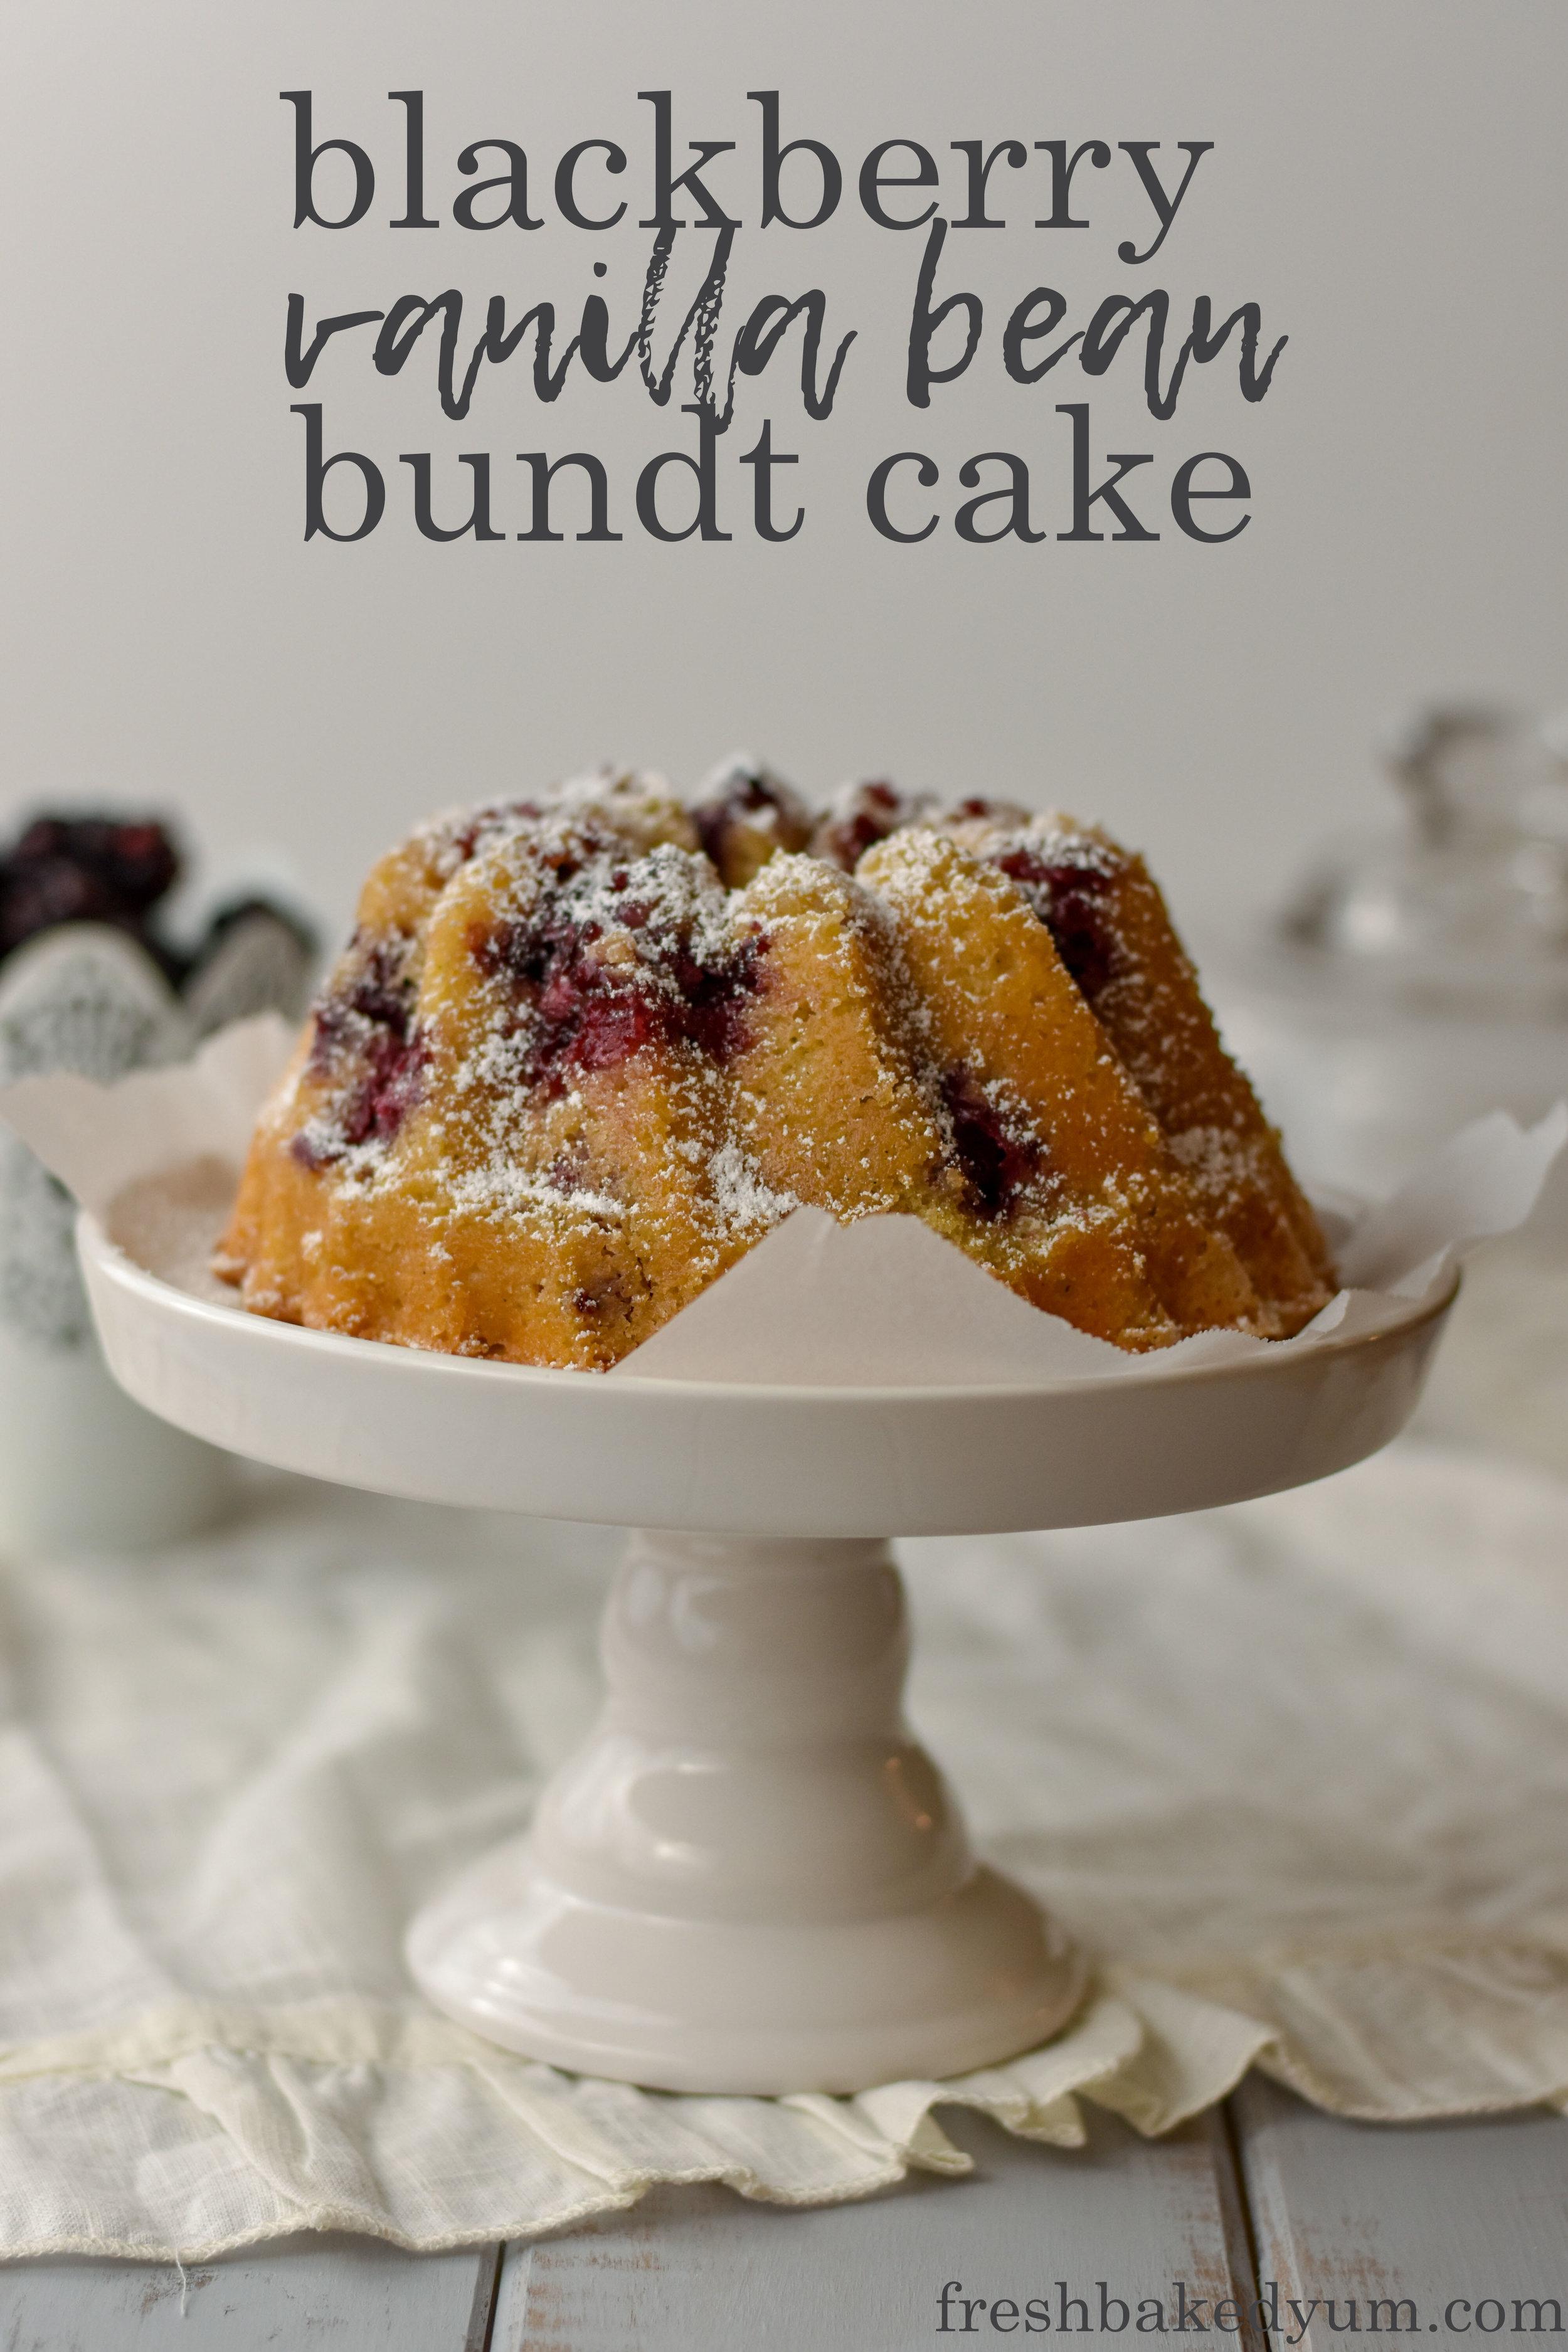 blackberry vanilla bean bundt cake recipe pinterest grpahic 1.jpg